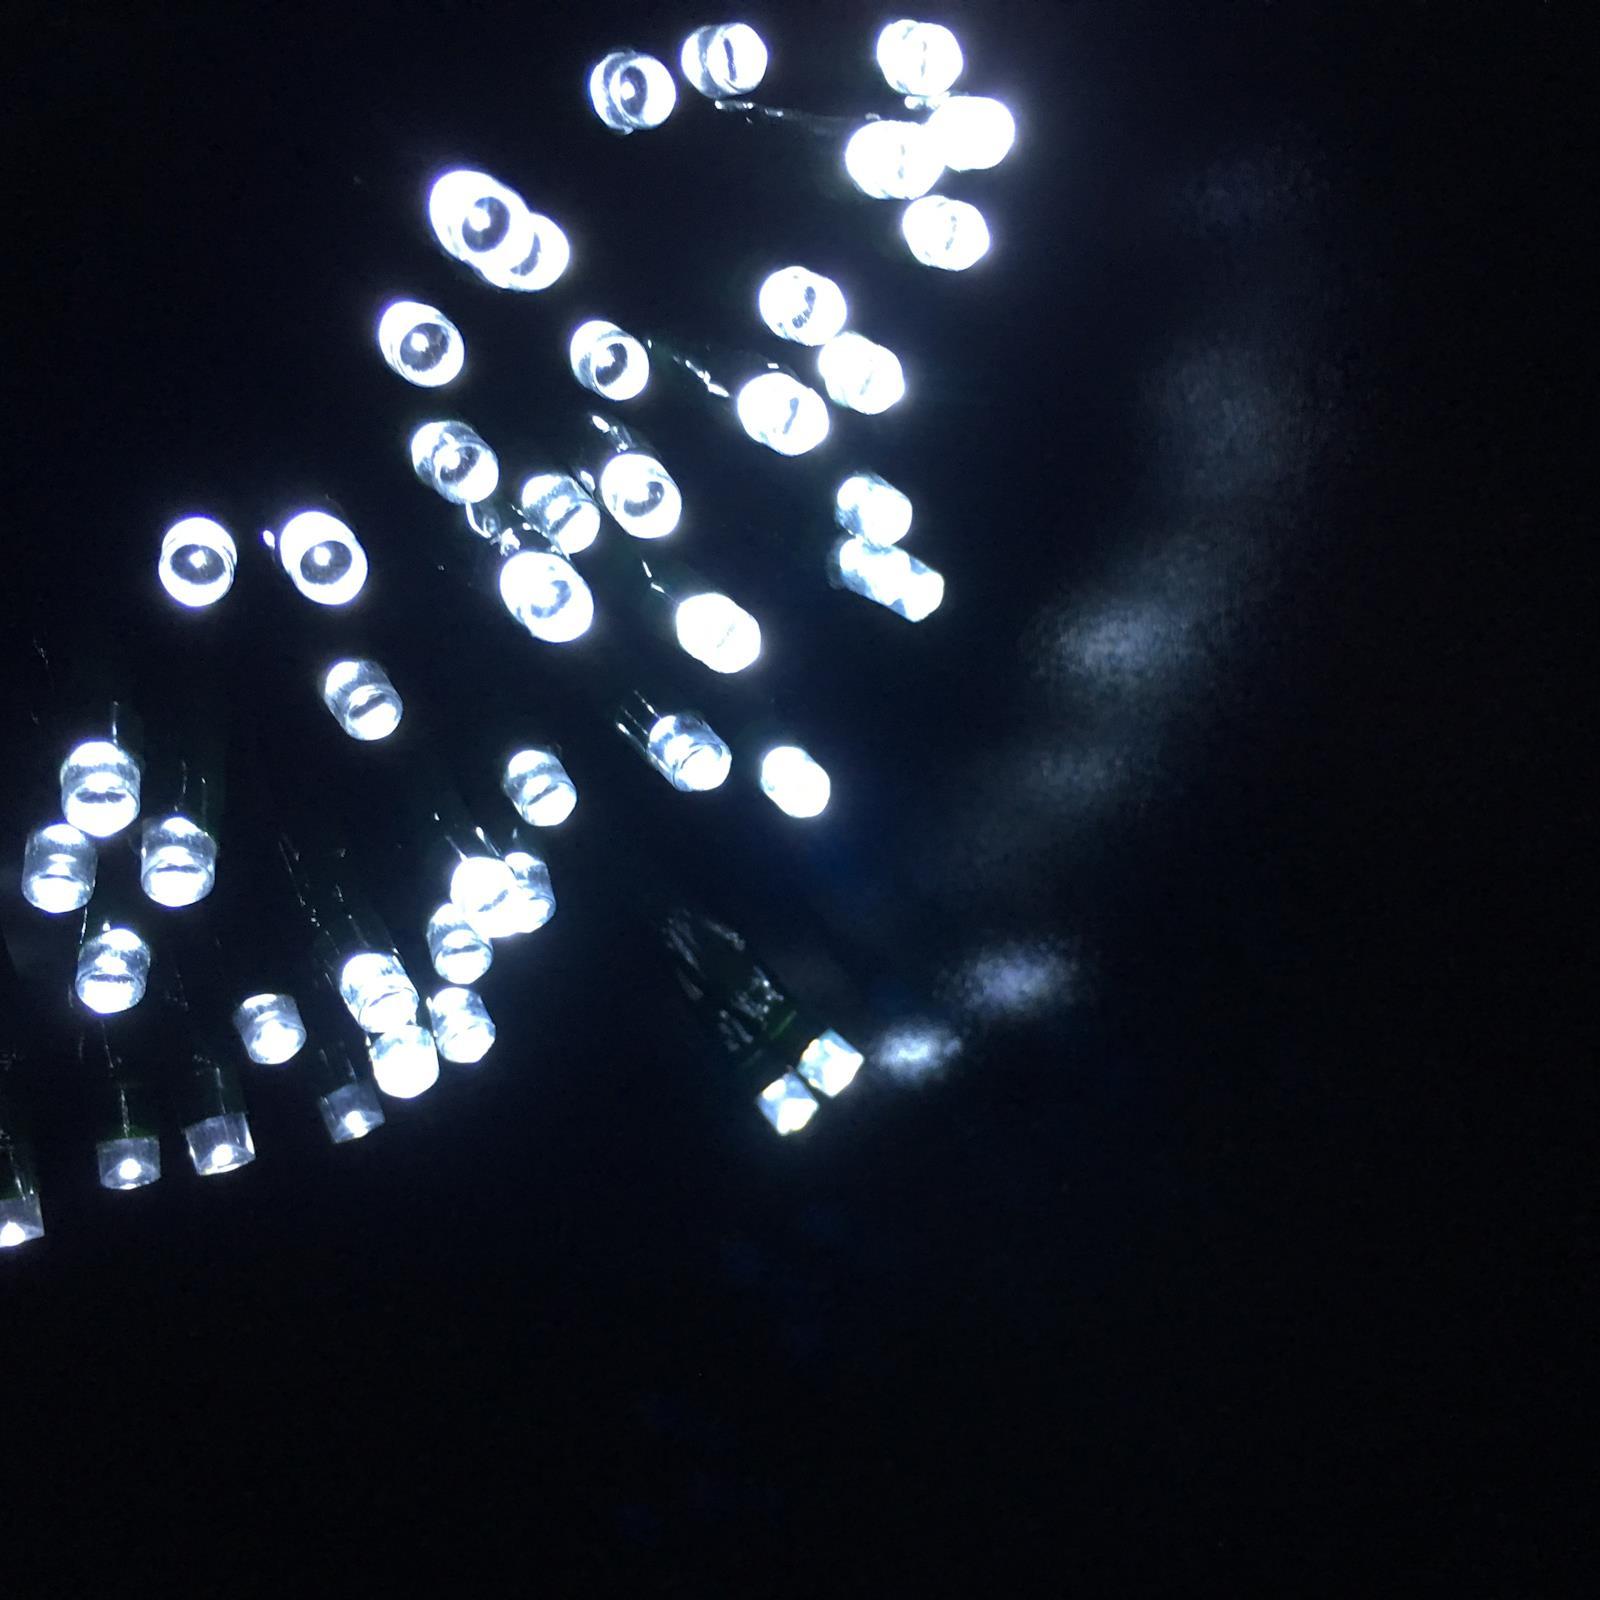 20-40-50-80-100-Batterie-DEL-Fairy-Lights-String-Fete-de-mariage-Decorations-Cuivre miniature 19